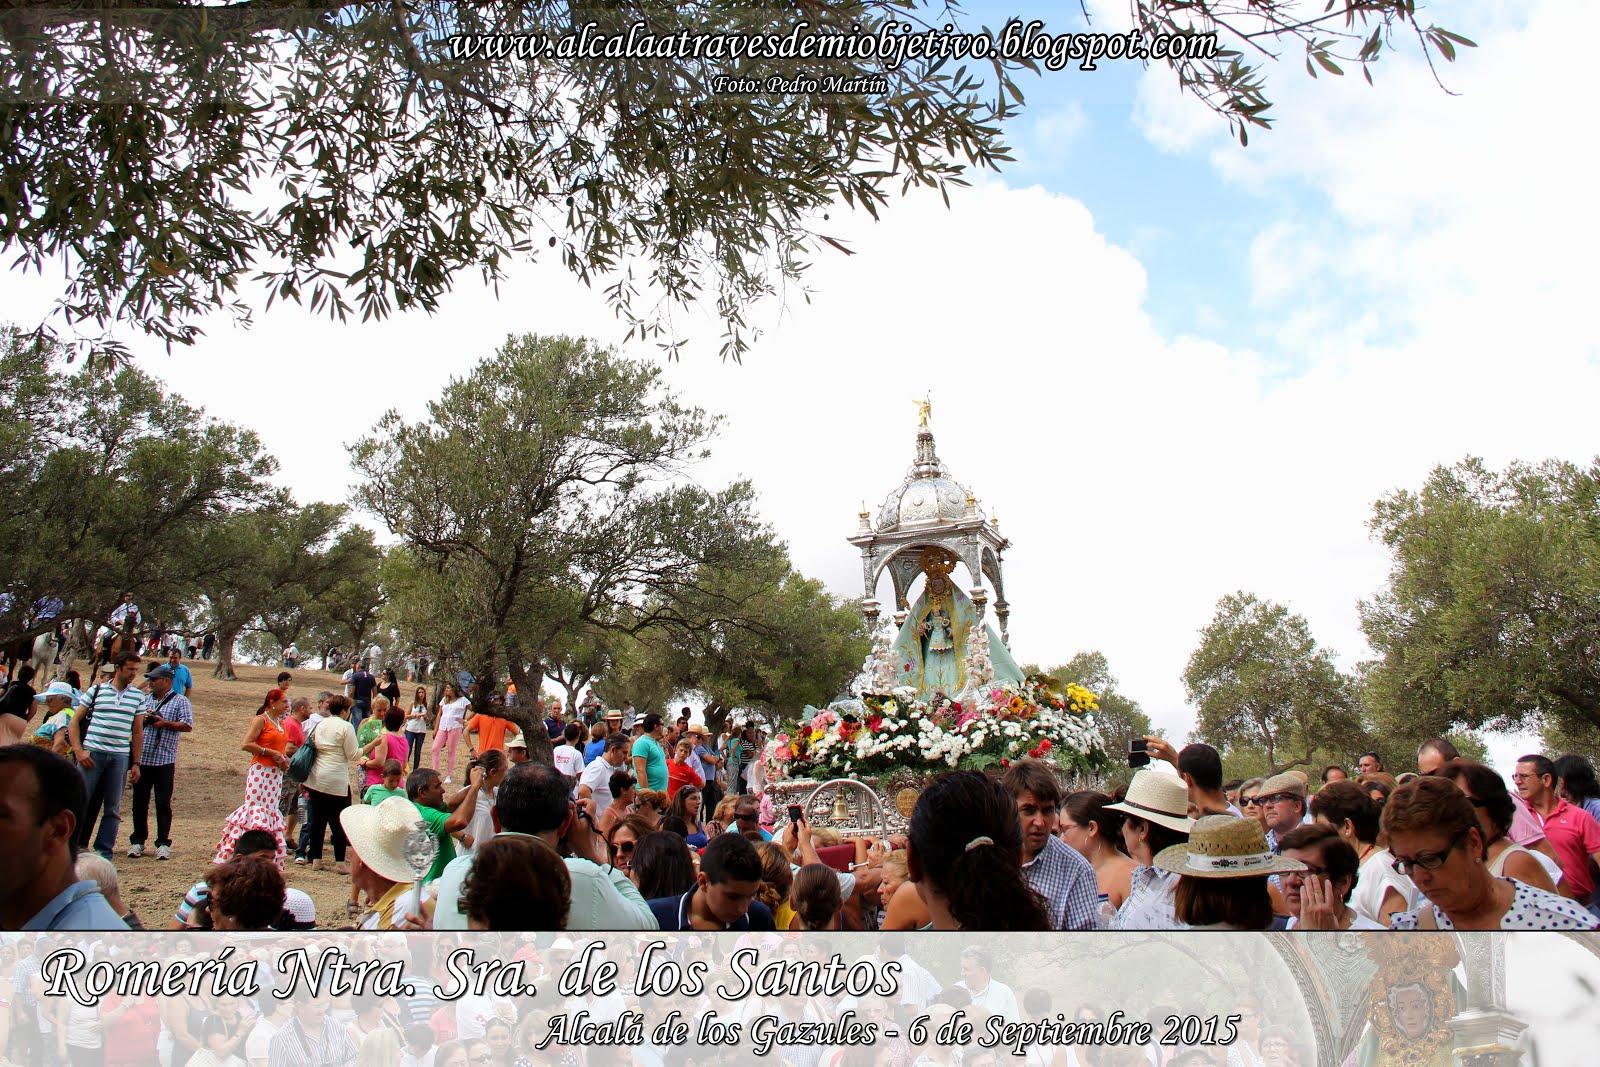 Romería Ntra. Sra. de los Santos (6 septiembre 2015)